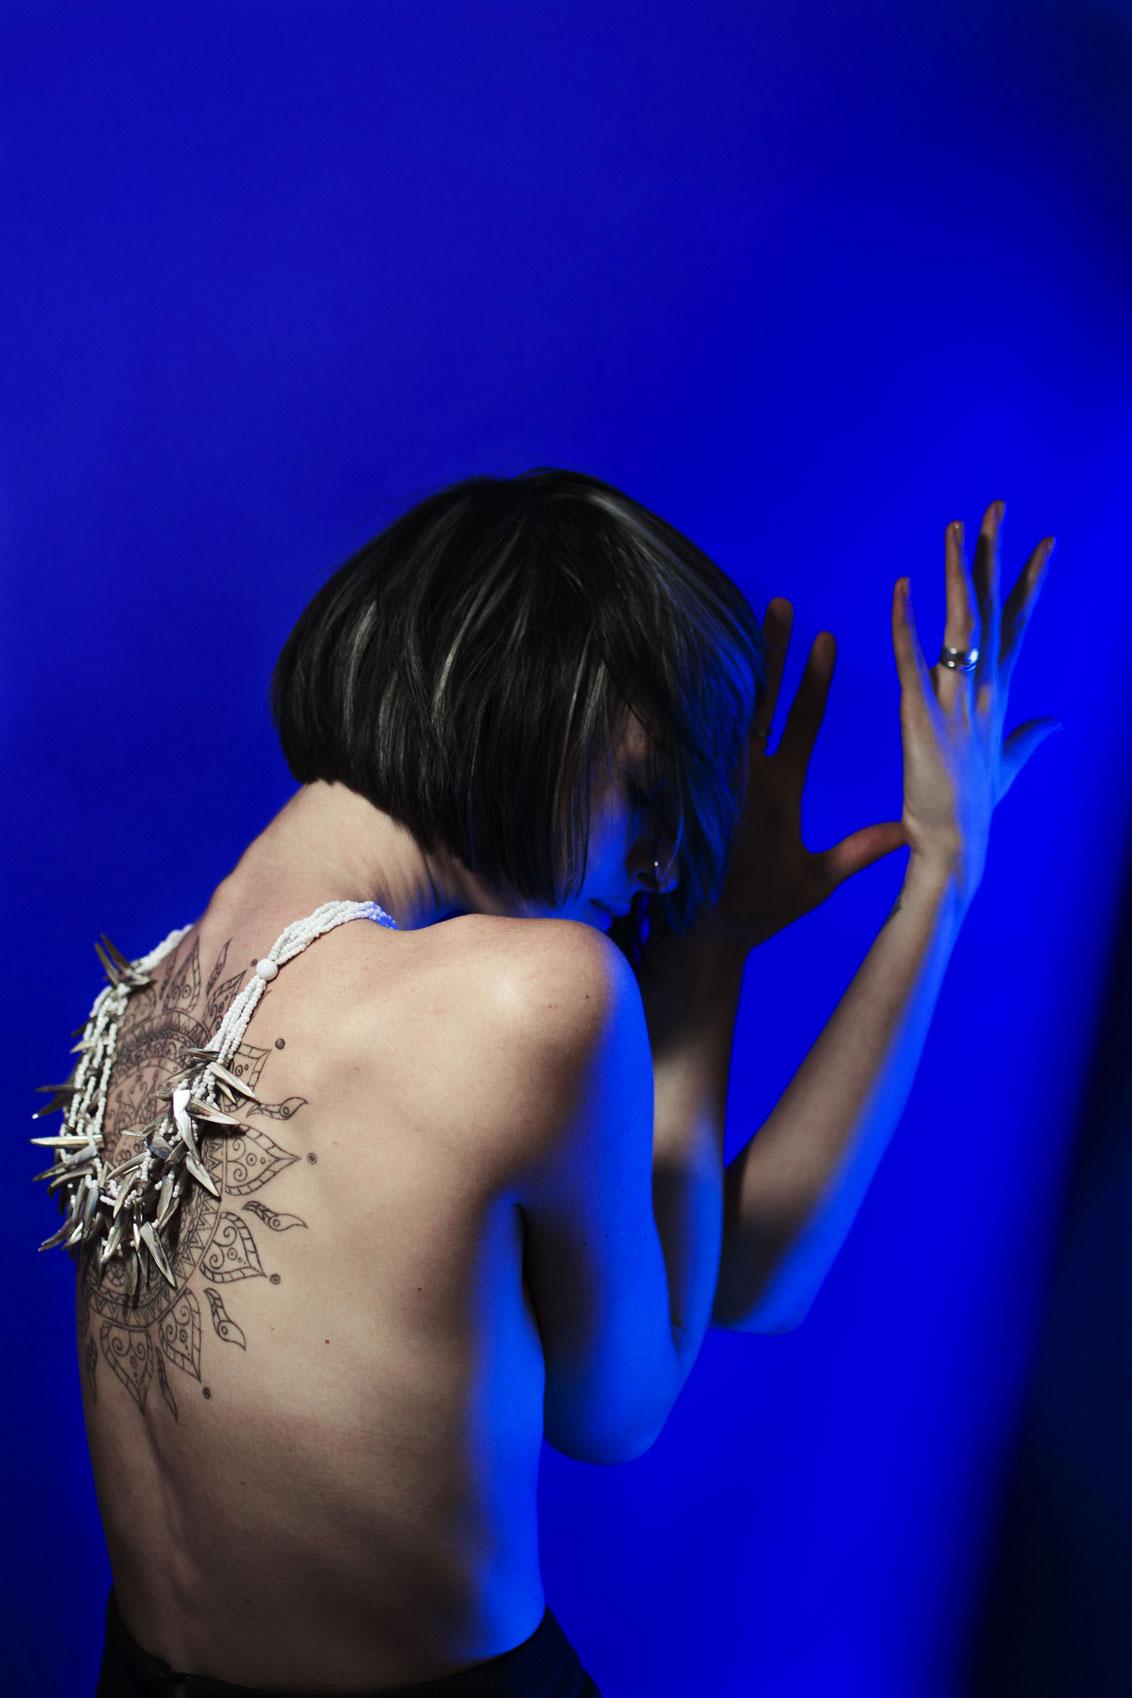 Jeune femme dos nu avec un tatouage tribal, devant un fond bleu et éclairée par des néons bleus.